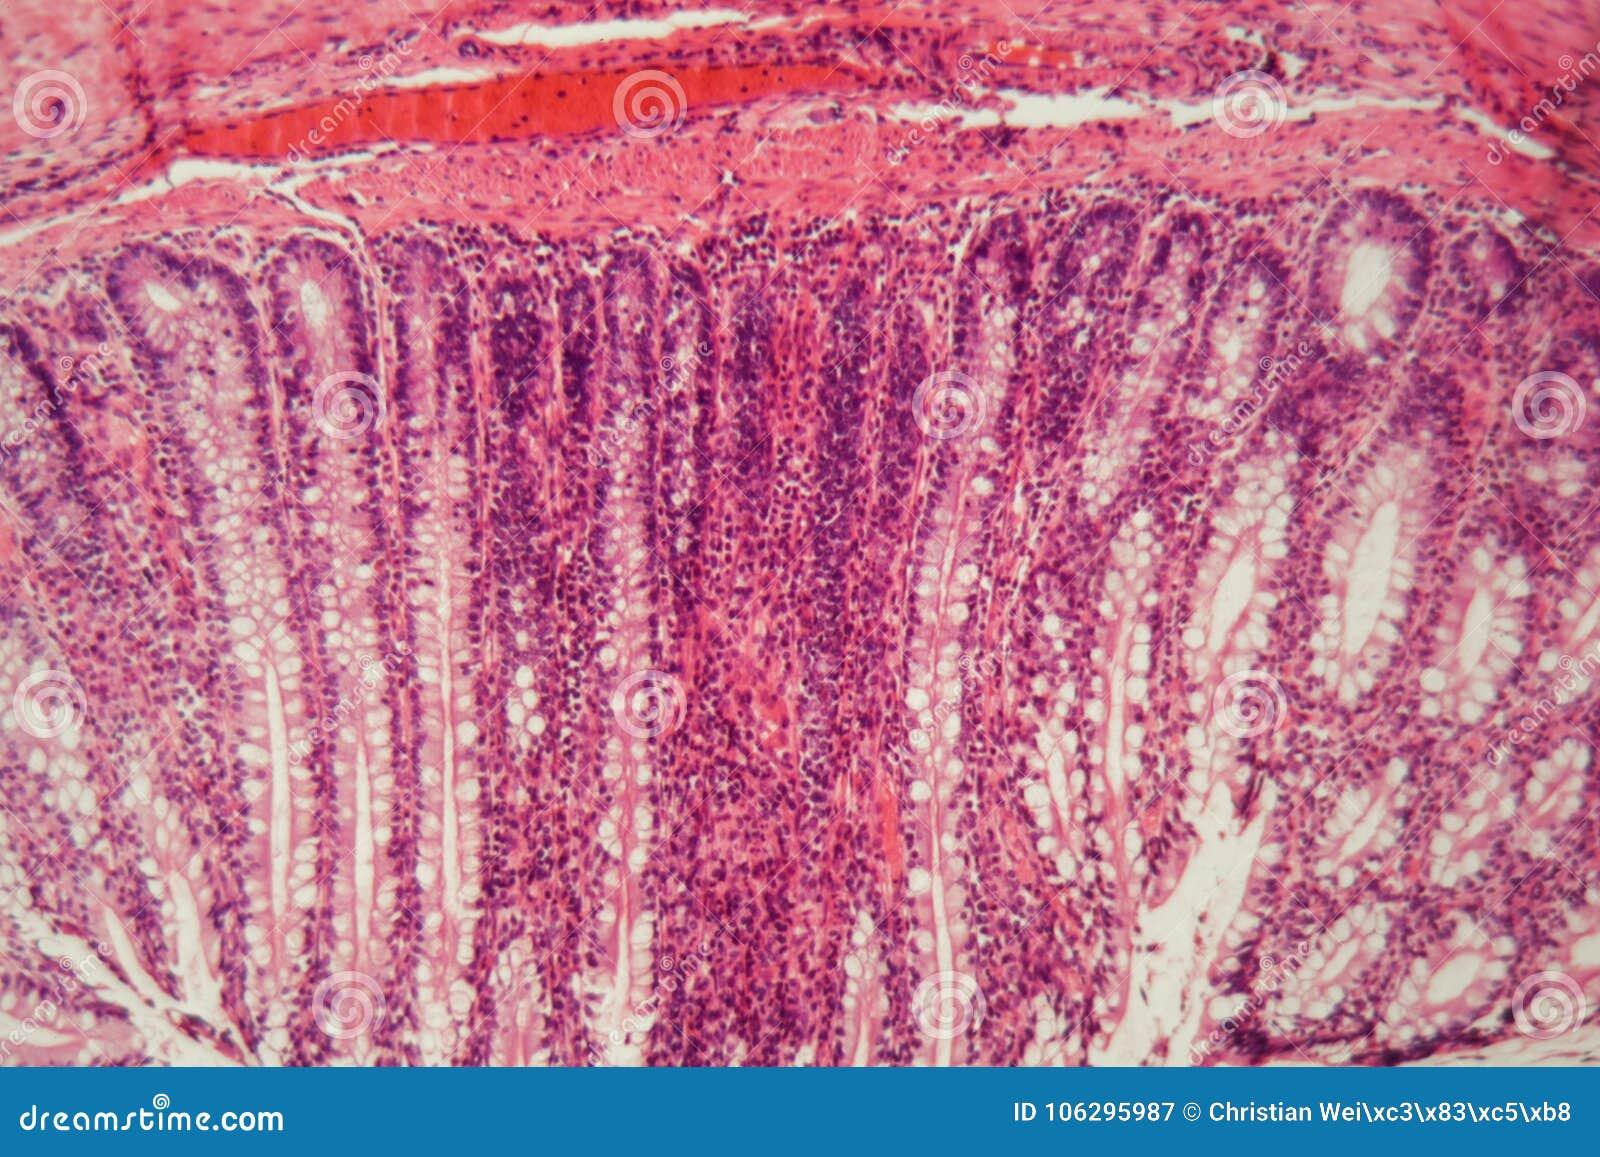 Sezione di un epitelio ciliato del cane